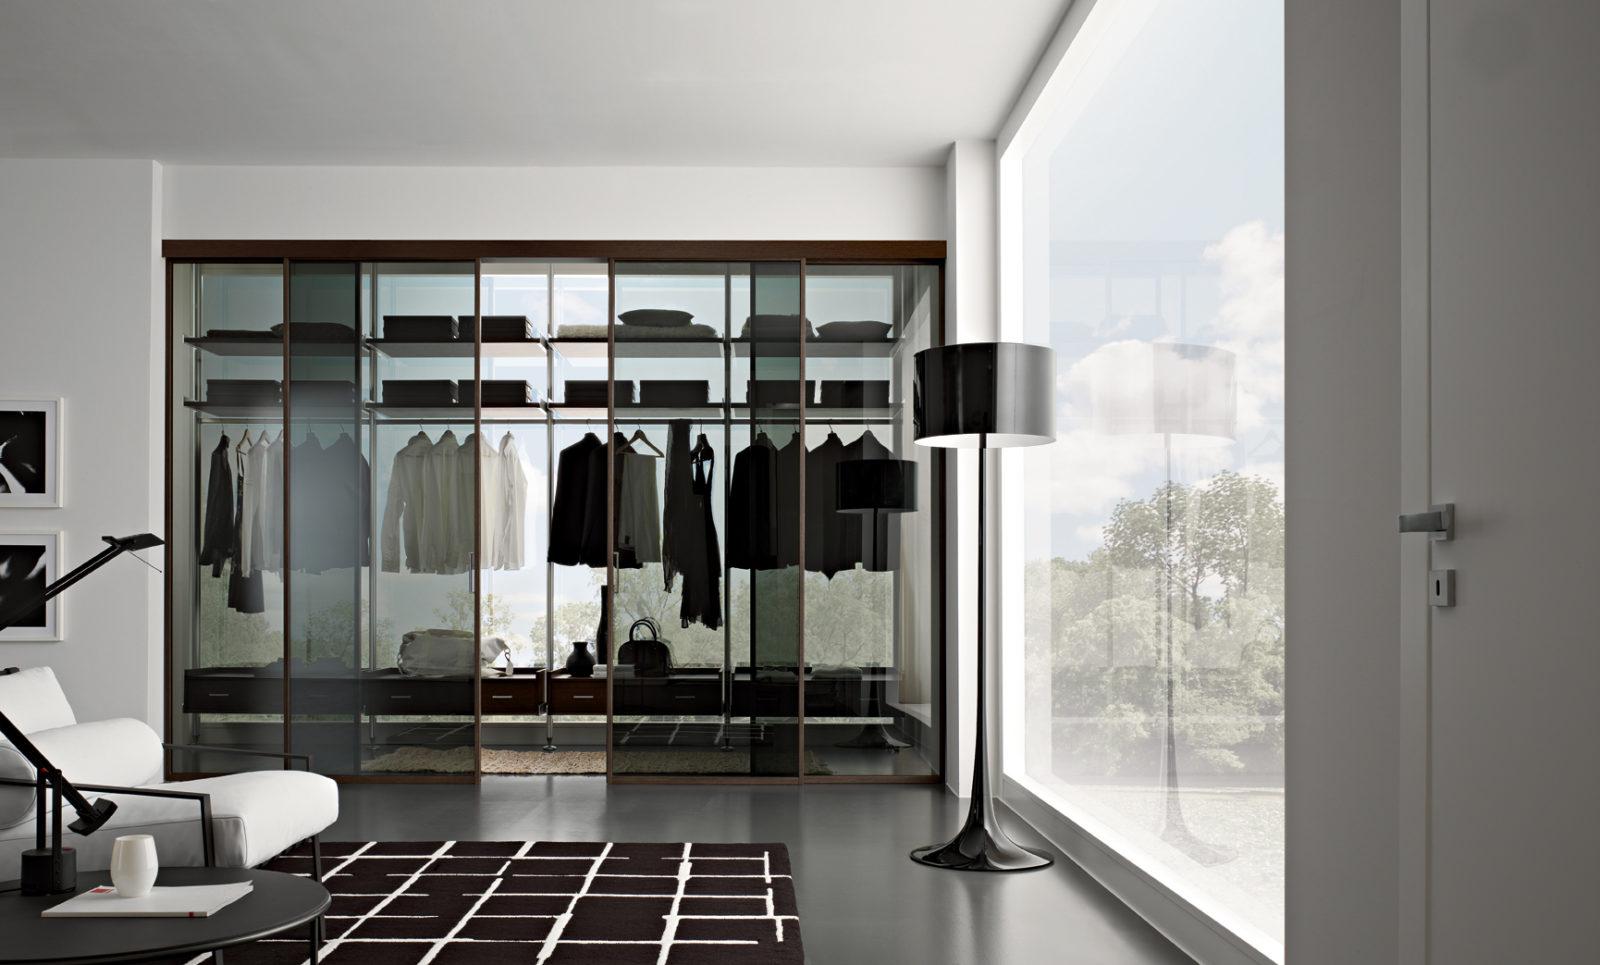 La cabina armadio: 6 ispirazioni per la tua casa u2022 garofoli